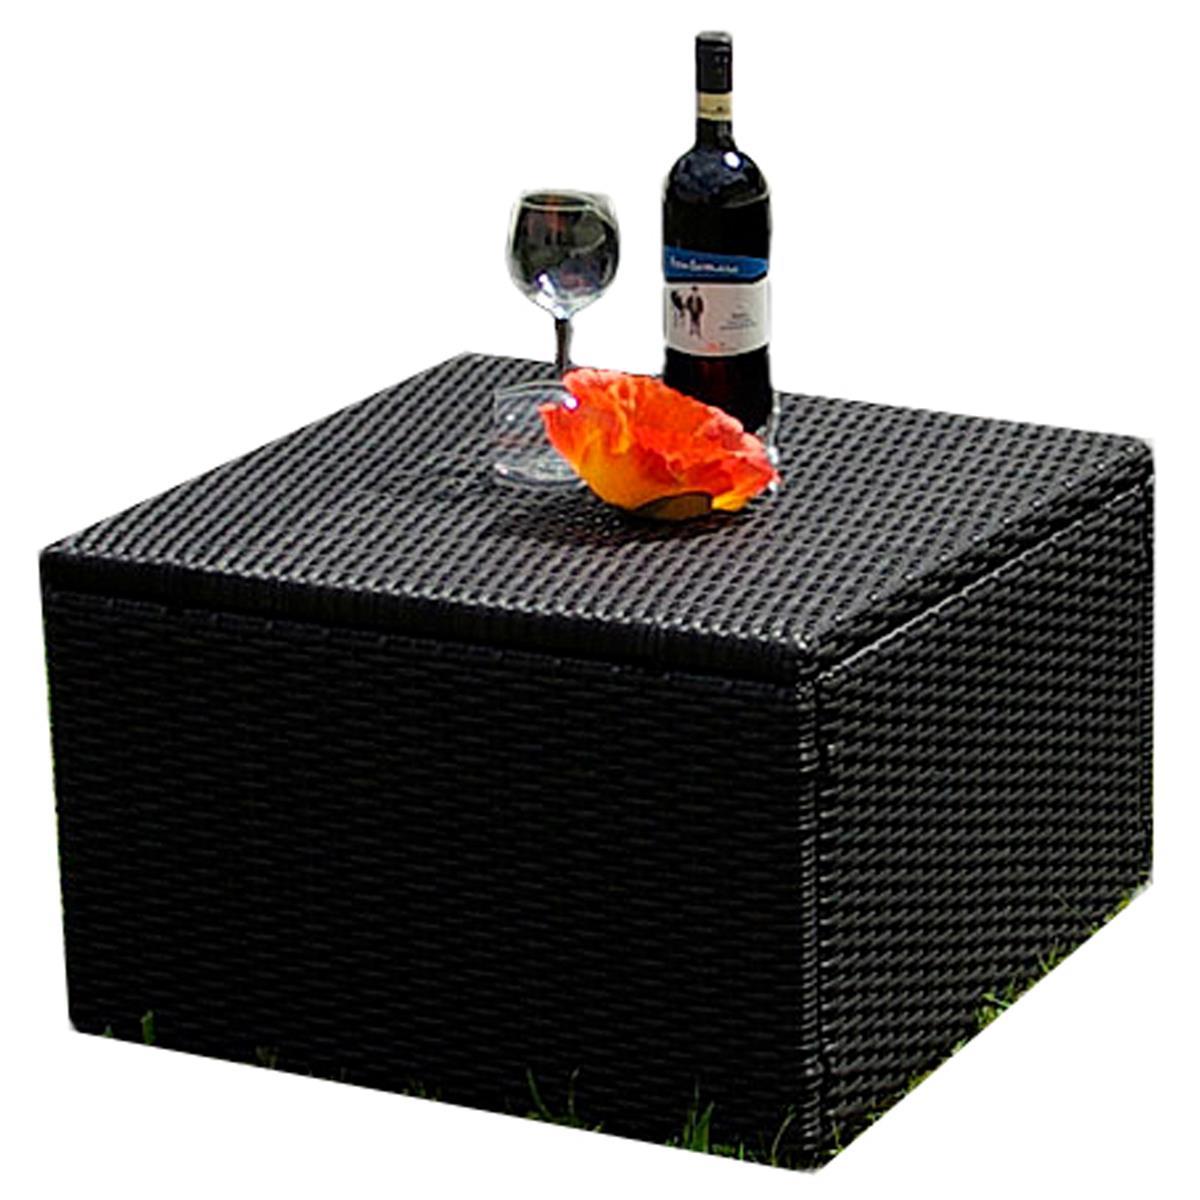 Beistelltisch Hocker Polyrattan hochwertiger Tisch mit Stahlgestell 55x55x63 cm